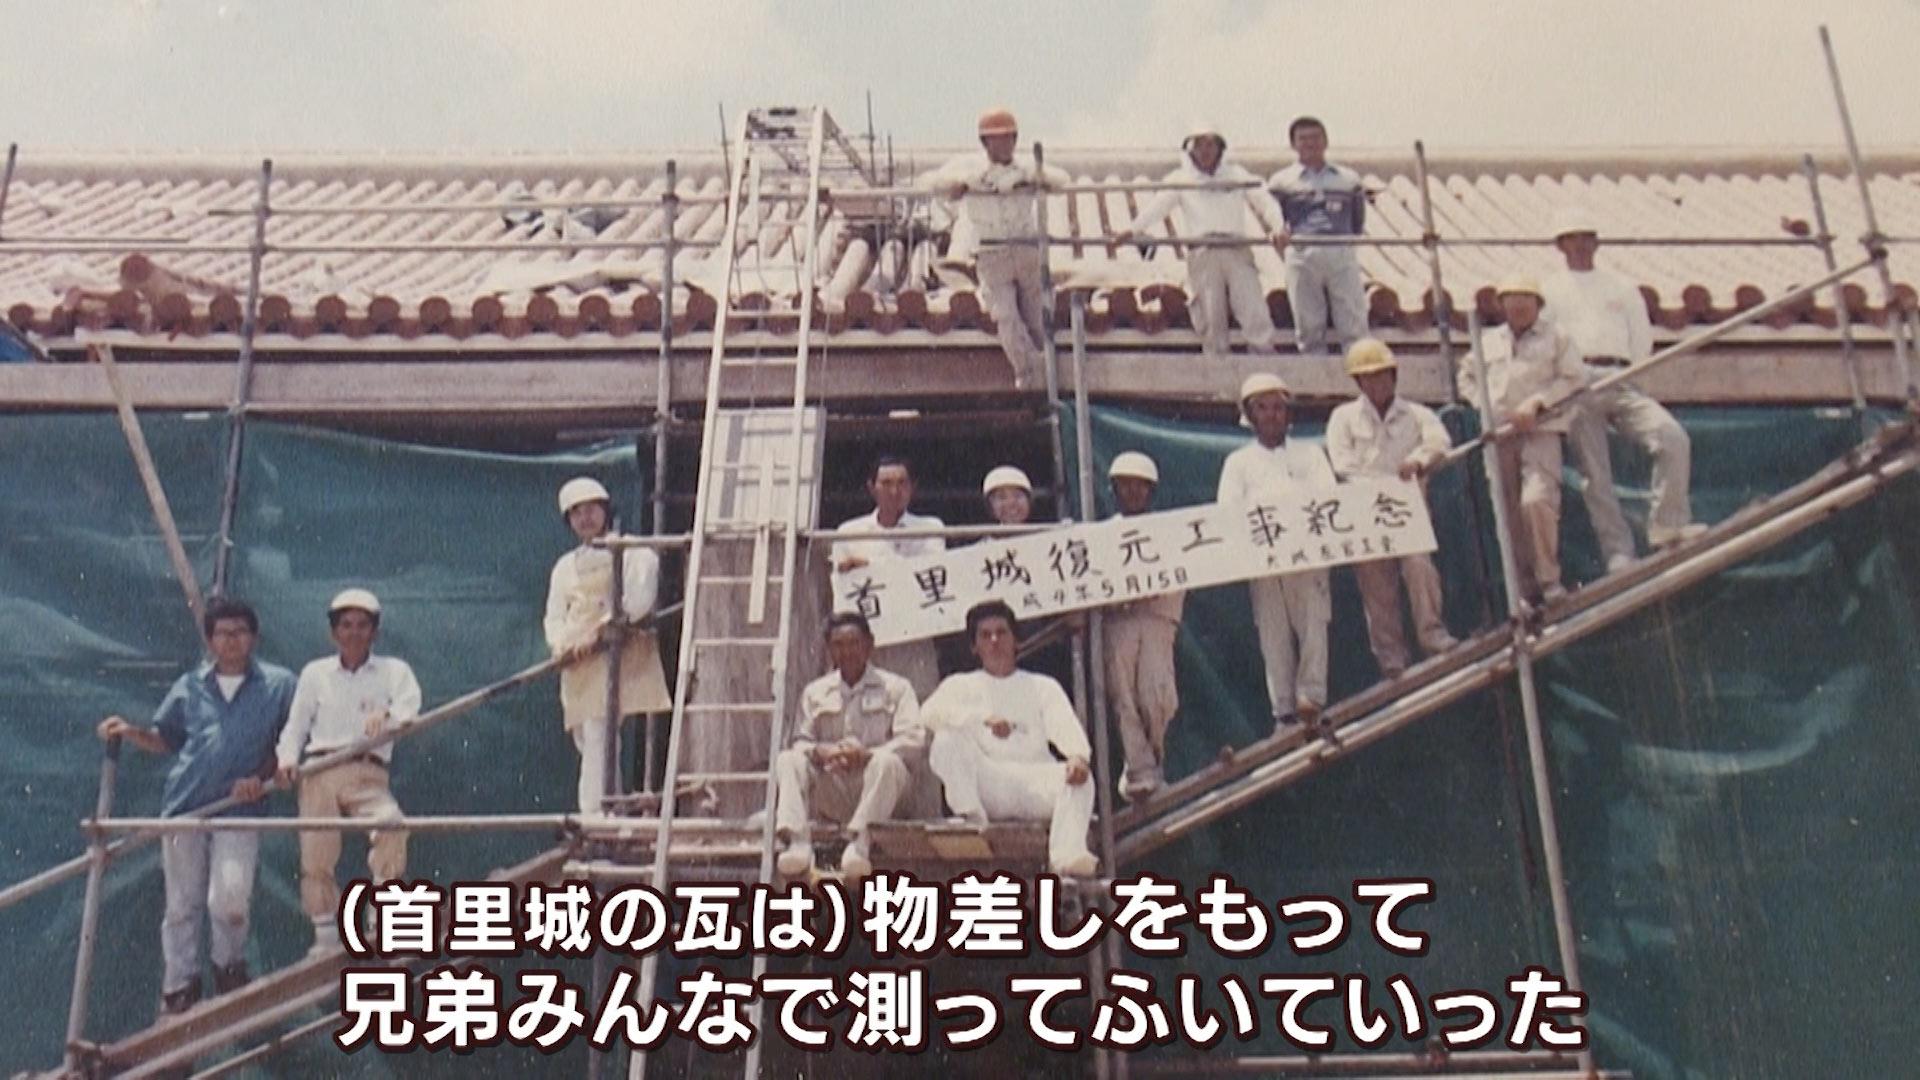 赤瓦ぶきの職人、大城幸祐さん。復元工事では、棟梁として、今回の火事で焼けた北殿や奉神門の瓦施工に携わりました。